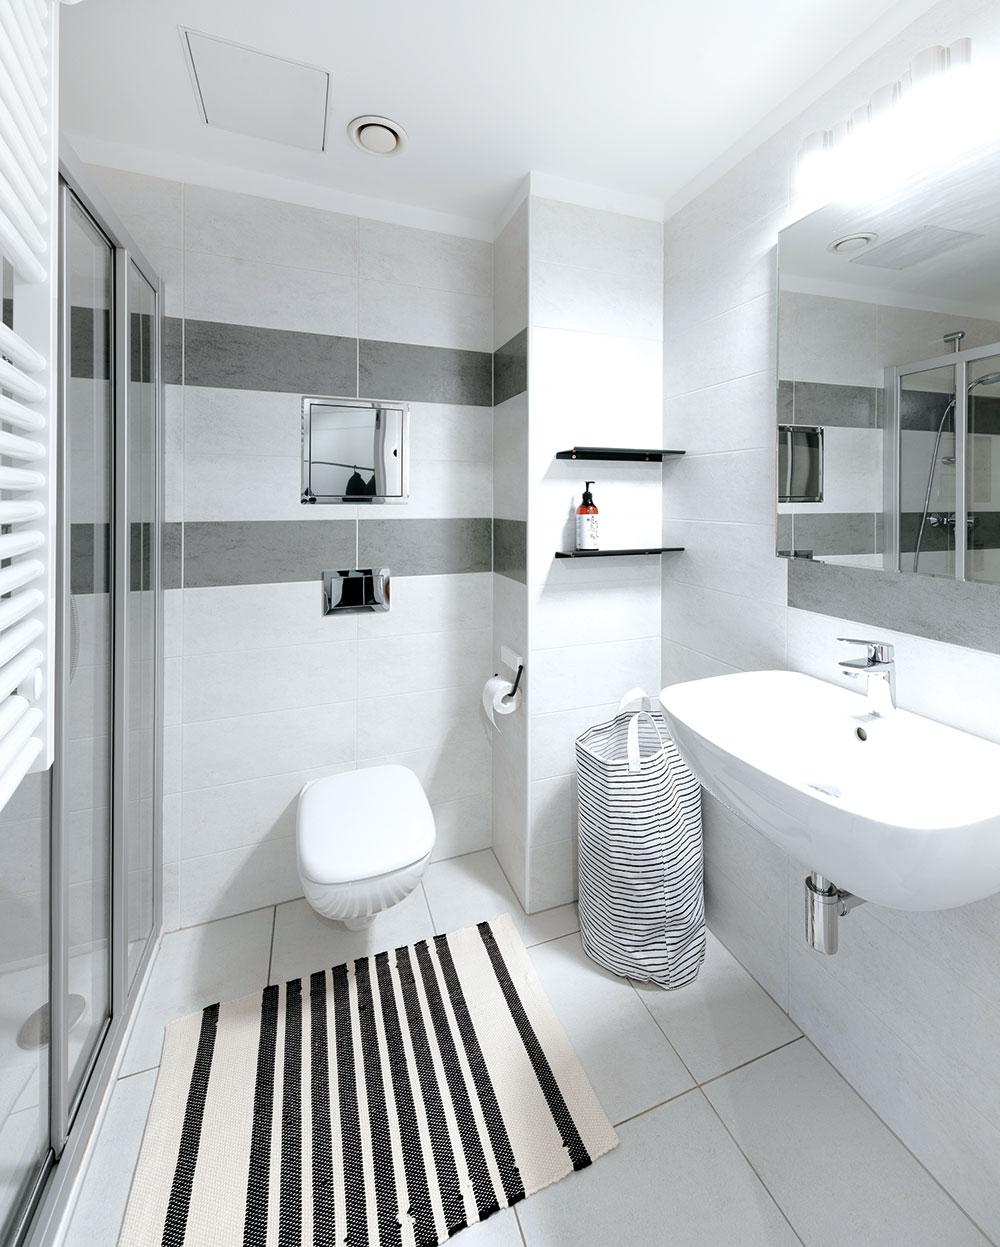 Menšia kúpeľňa rešpektuje celkové ladenie bytu a je priamočiaro jednoduchá.